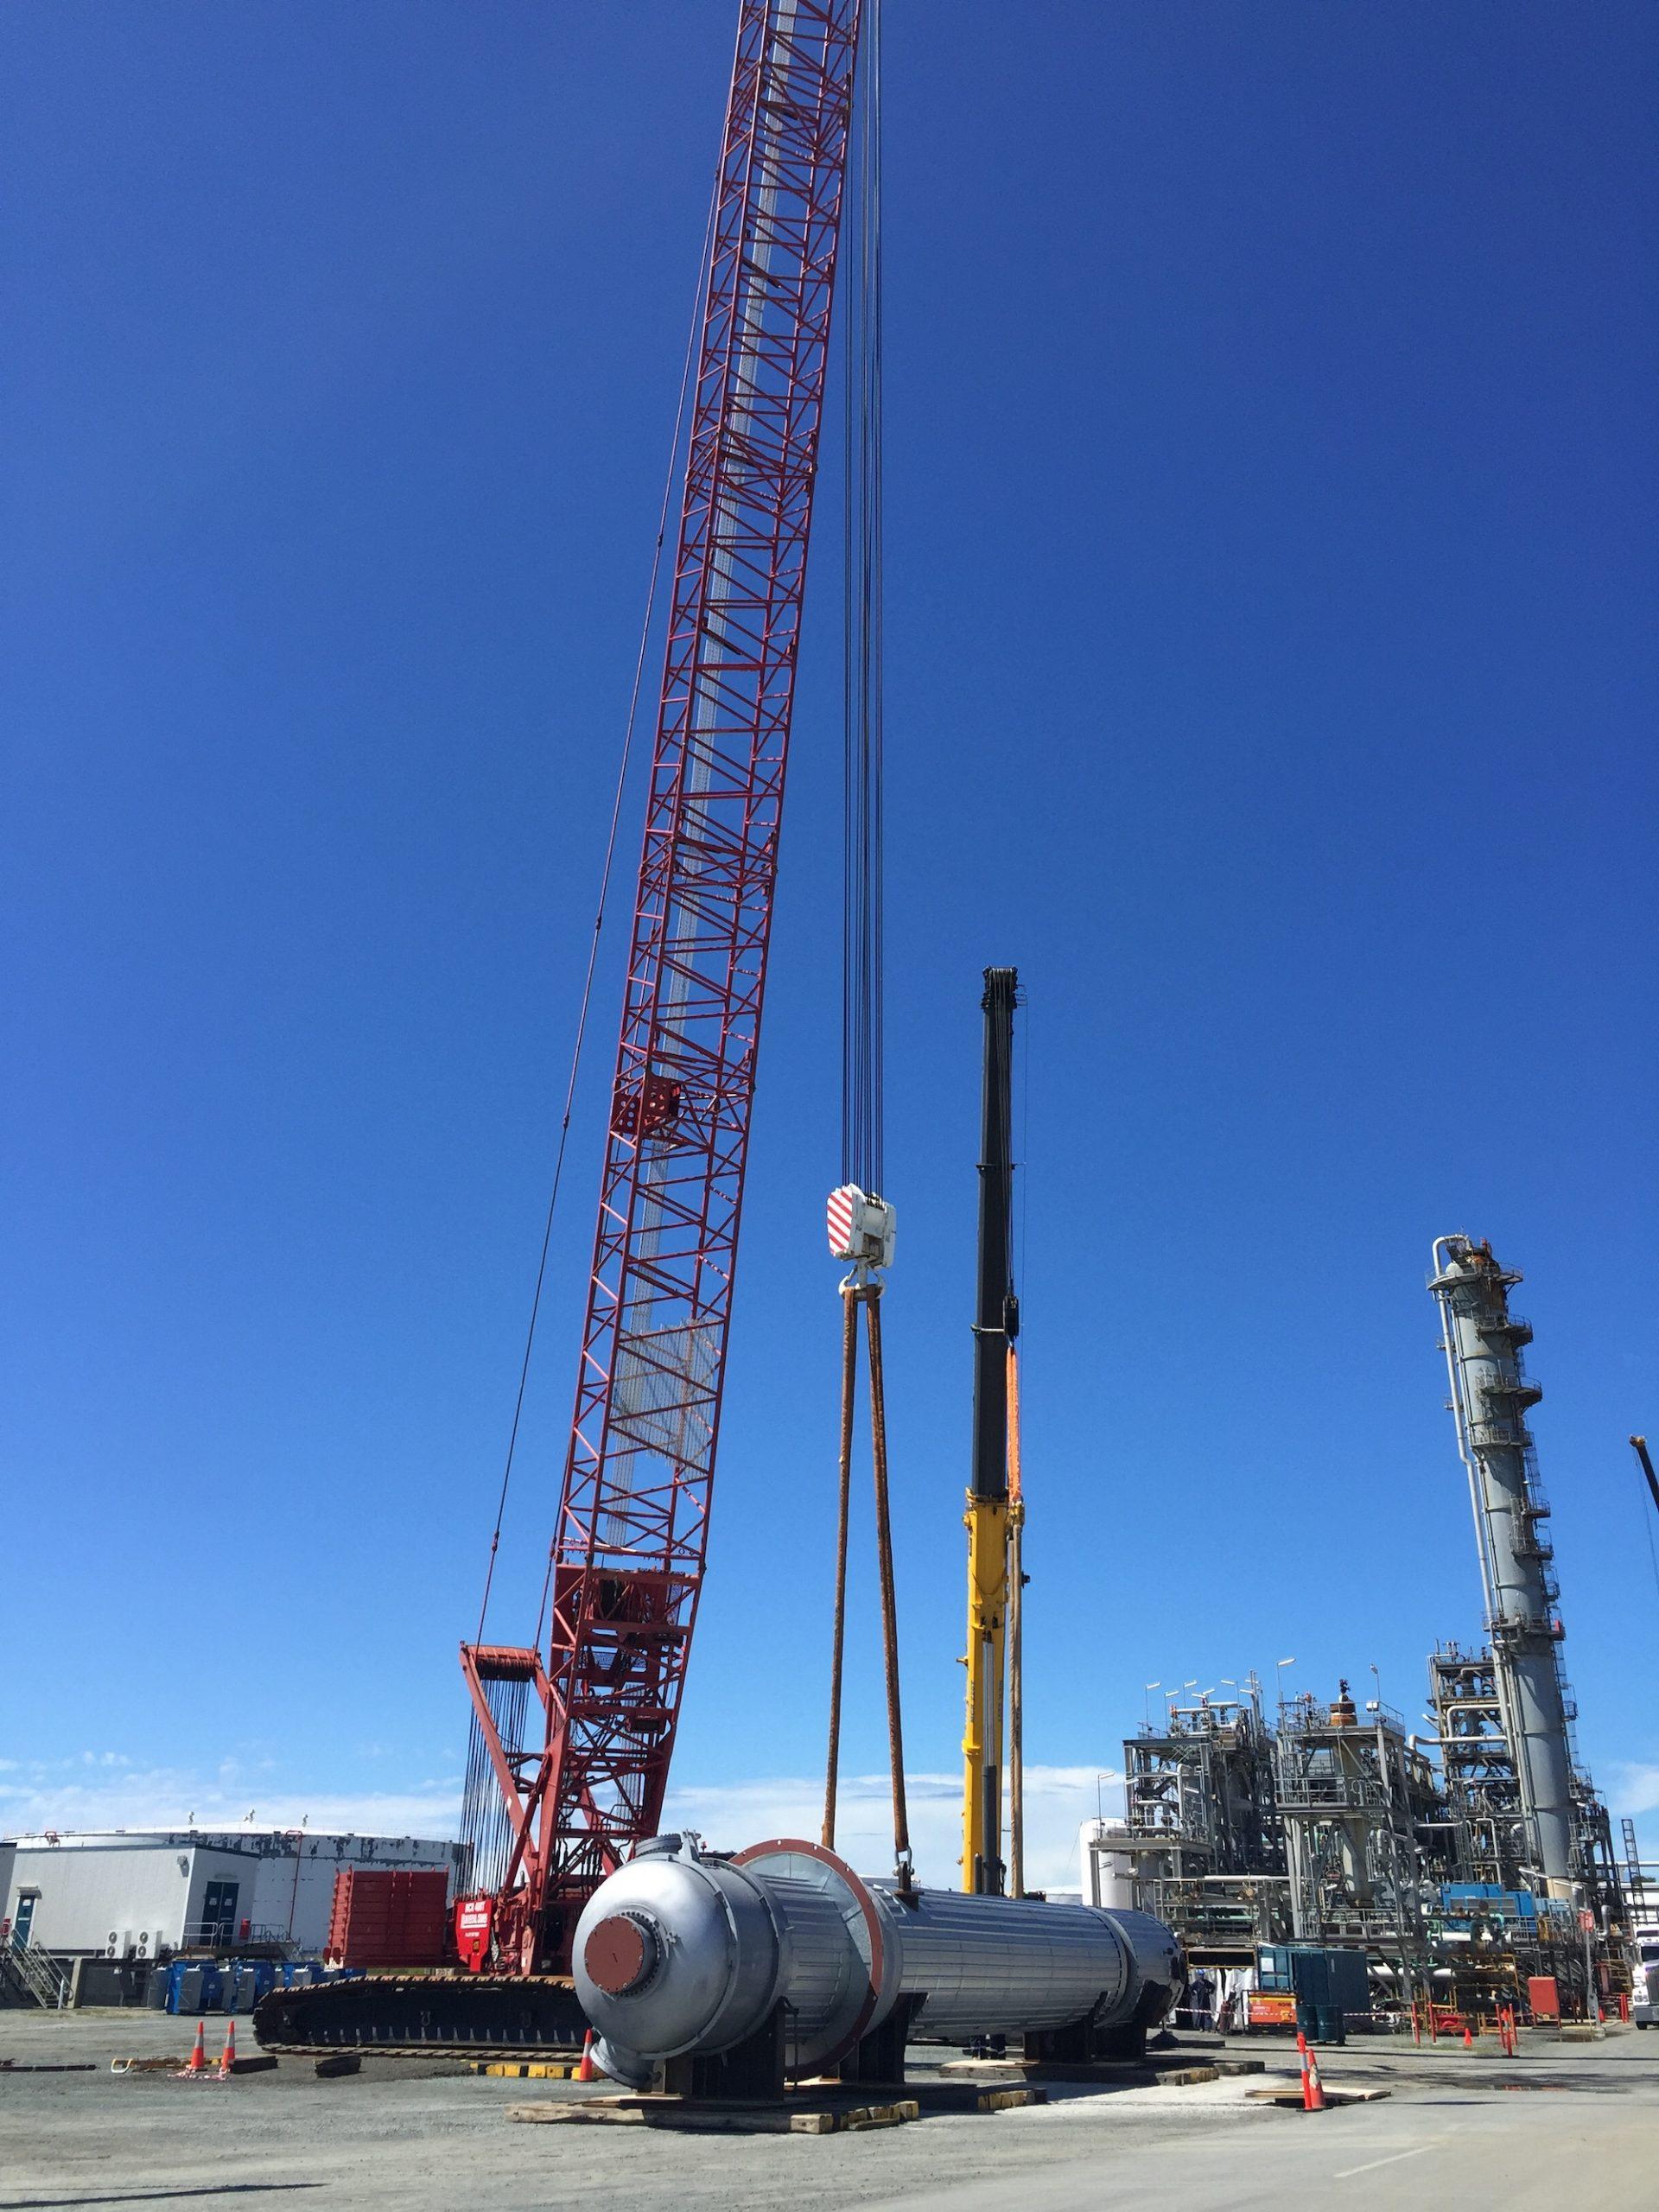 LA3250 - Caltex Texas Tower, Exchanger - 480, Vessel unloaded (480, 2015-03-23)